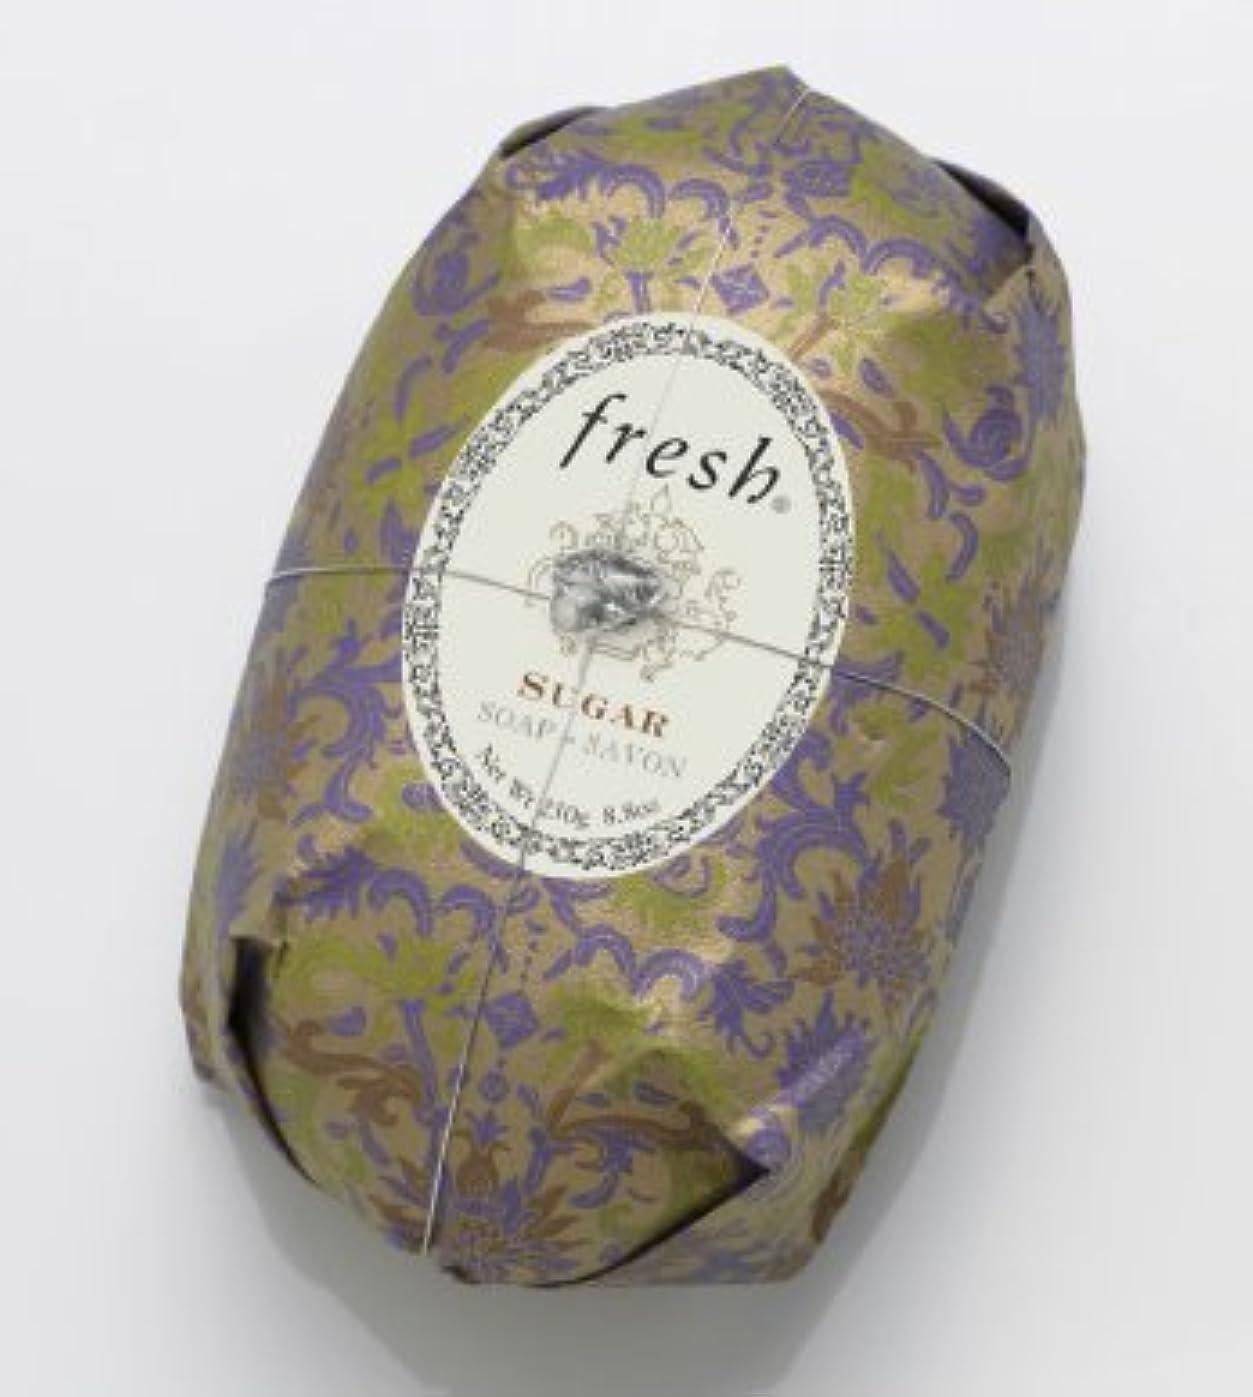 子出力ベースFresh SUGAR SOAP (フレッシュ シュガー ソープ) 8.8 oz (250g) Soap (石鹸) by Fresh